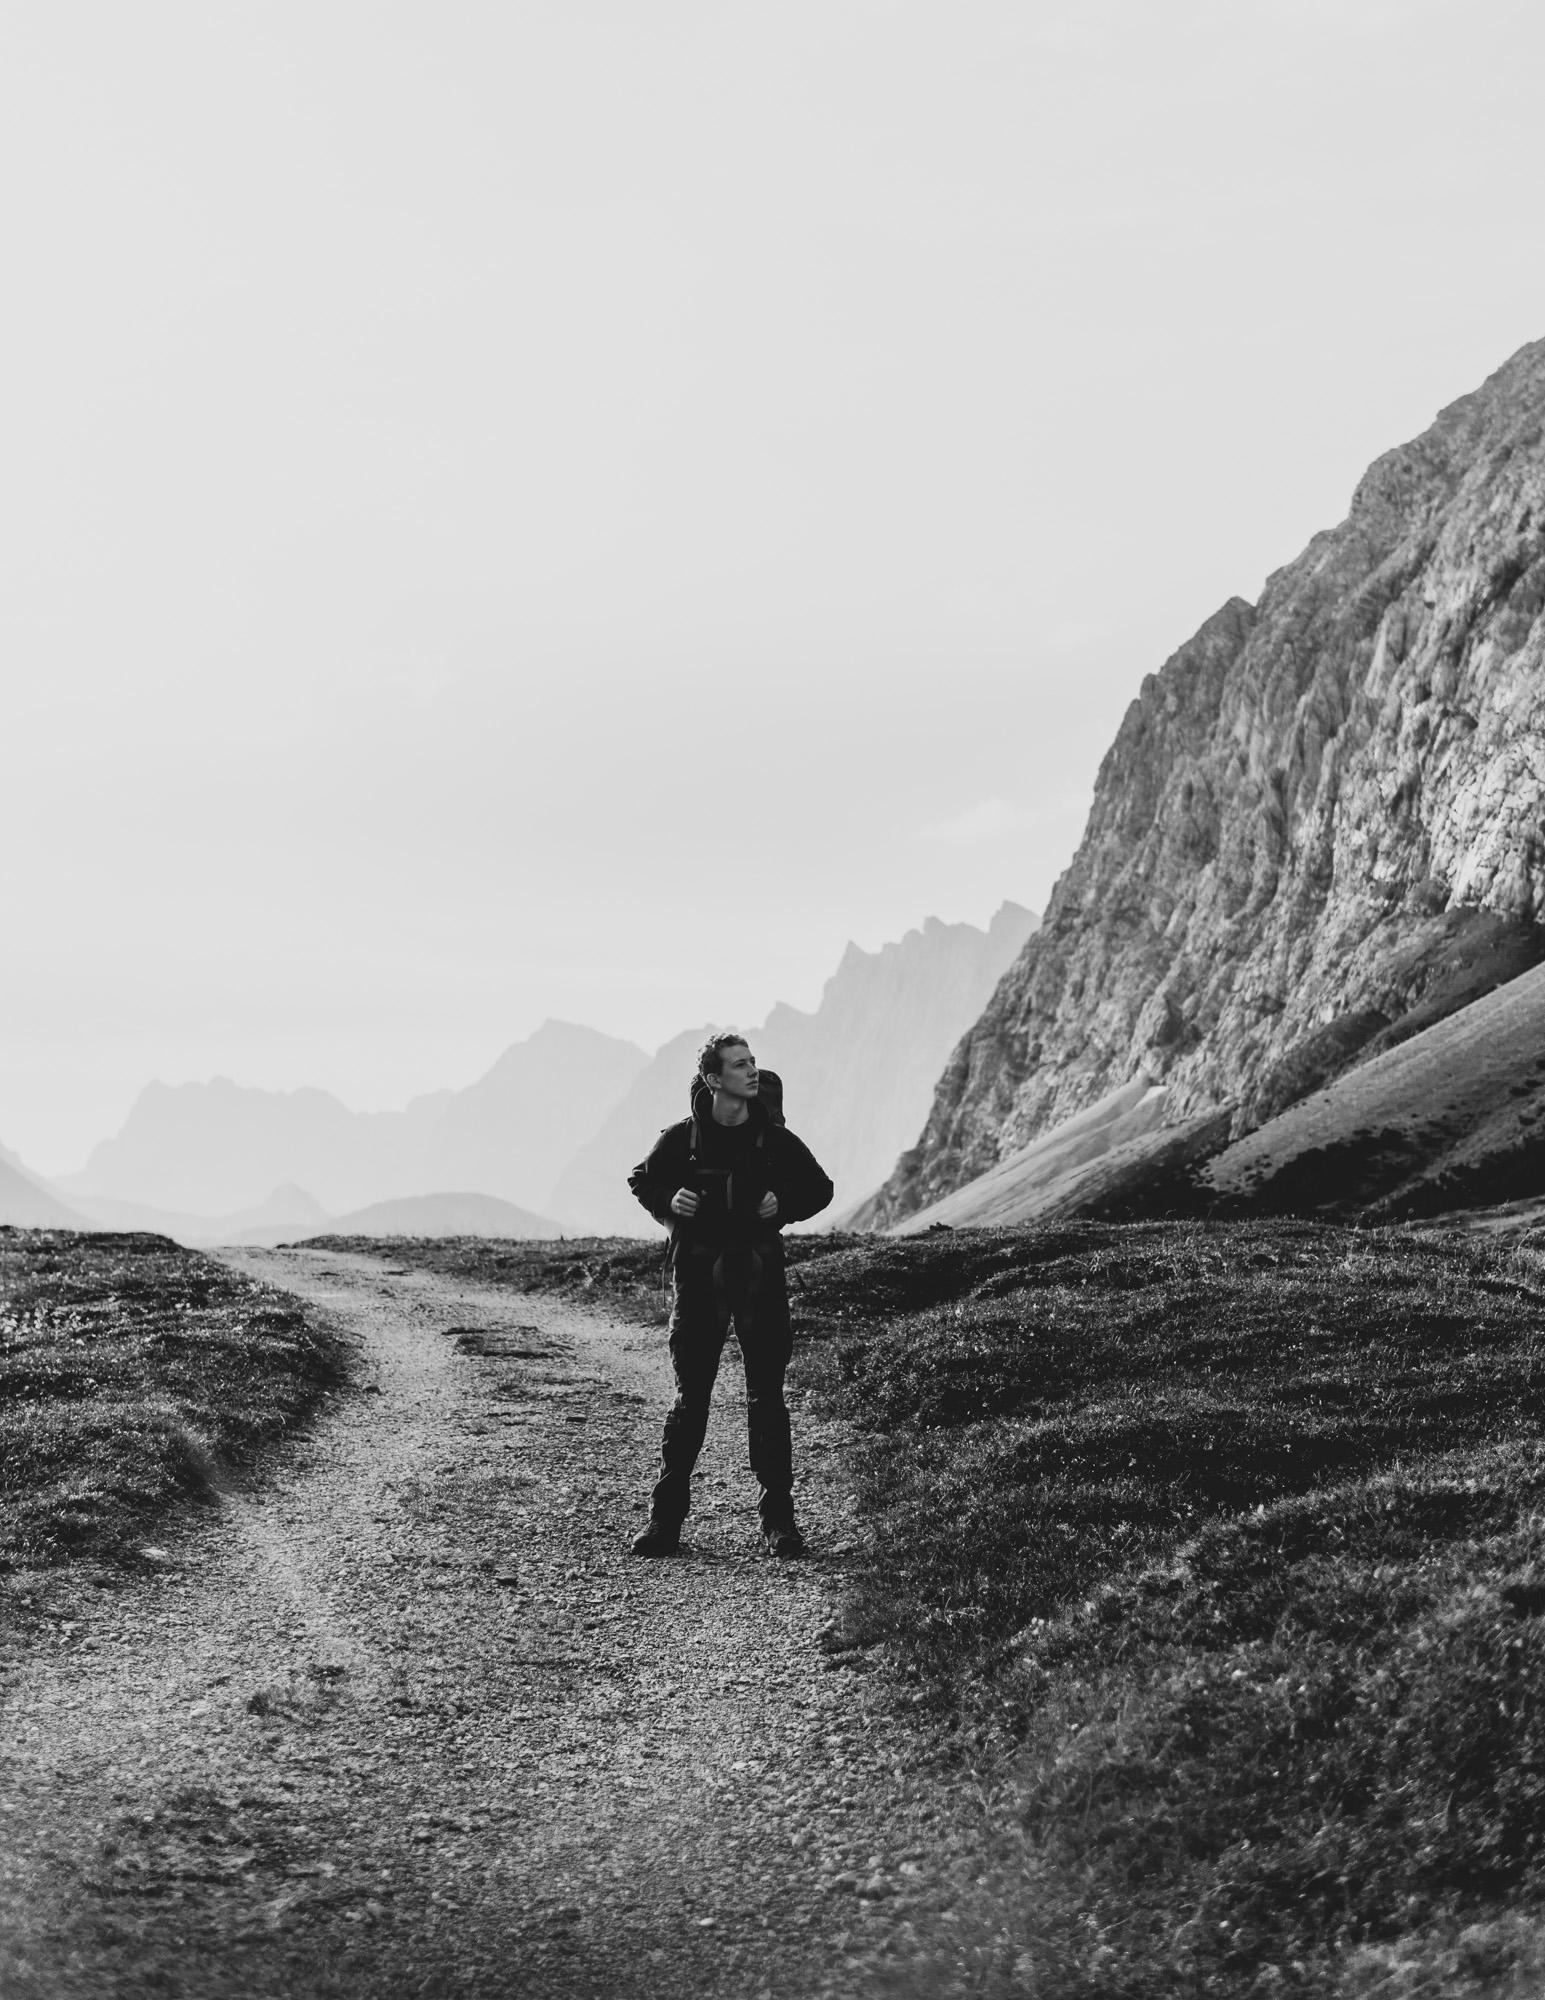 Junger Wanderer im Karwendelgebirge mit Panorama im Hintergrund